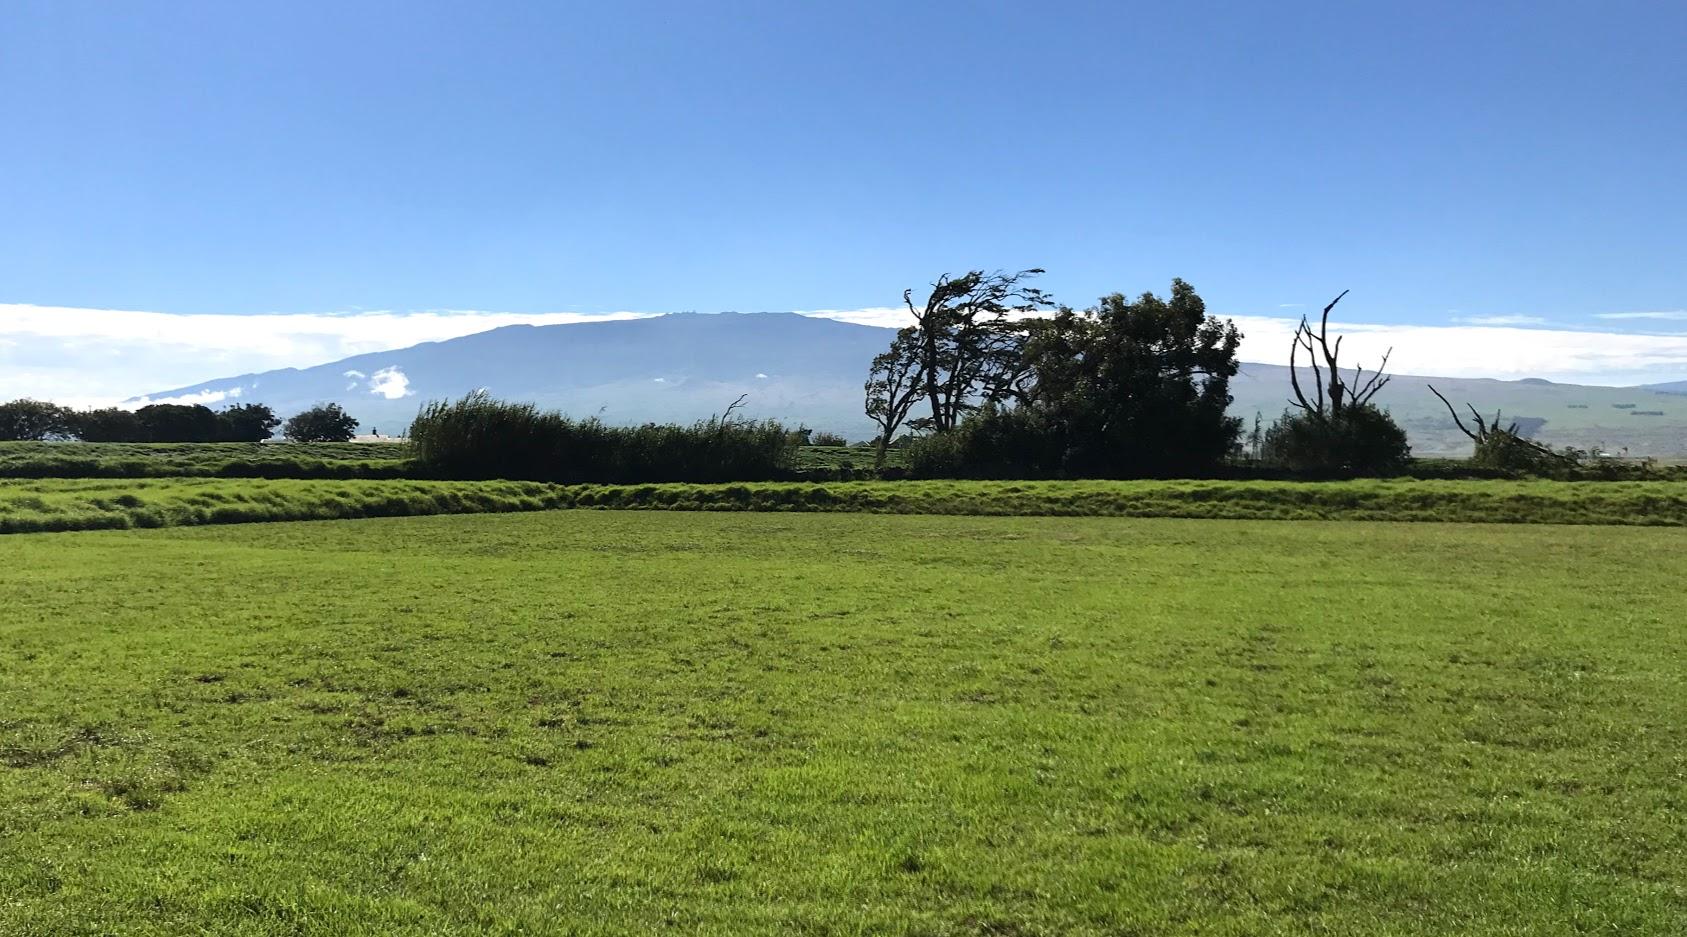 Mauna Kea viewed from Waimea